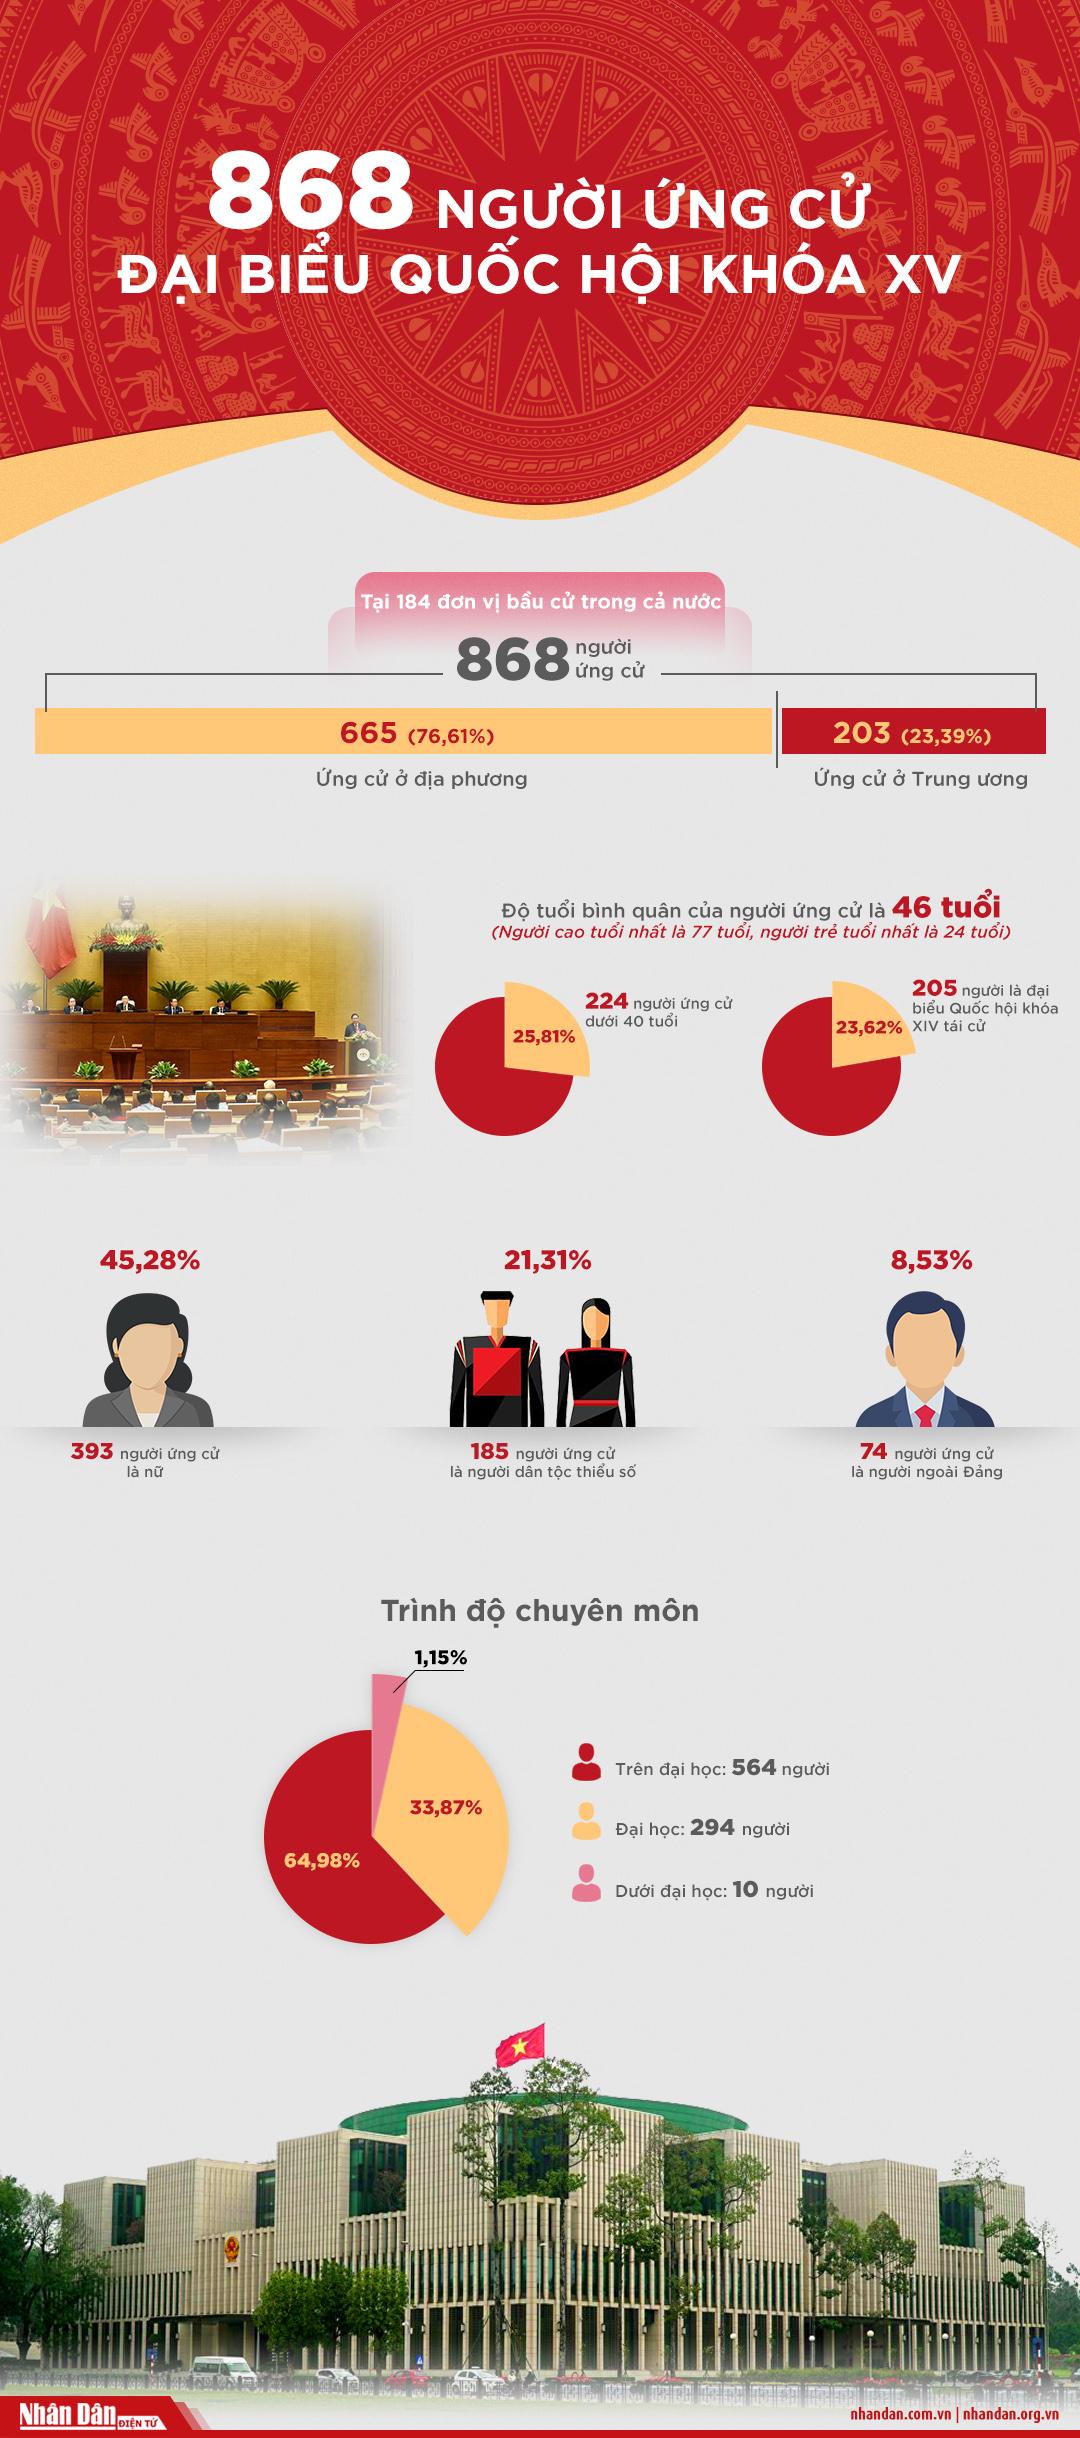 [Infographic] 868 người ứng cử đại biểu Quốc hội khóa XV -0